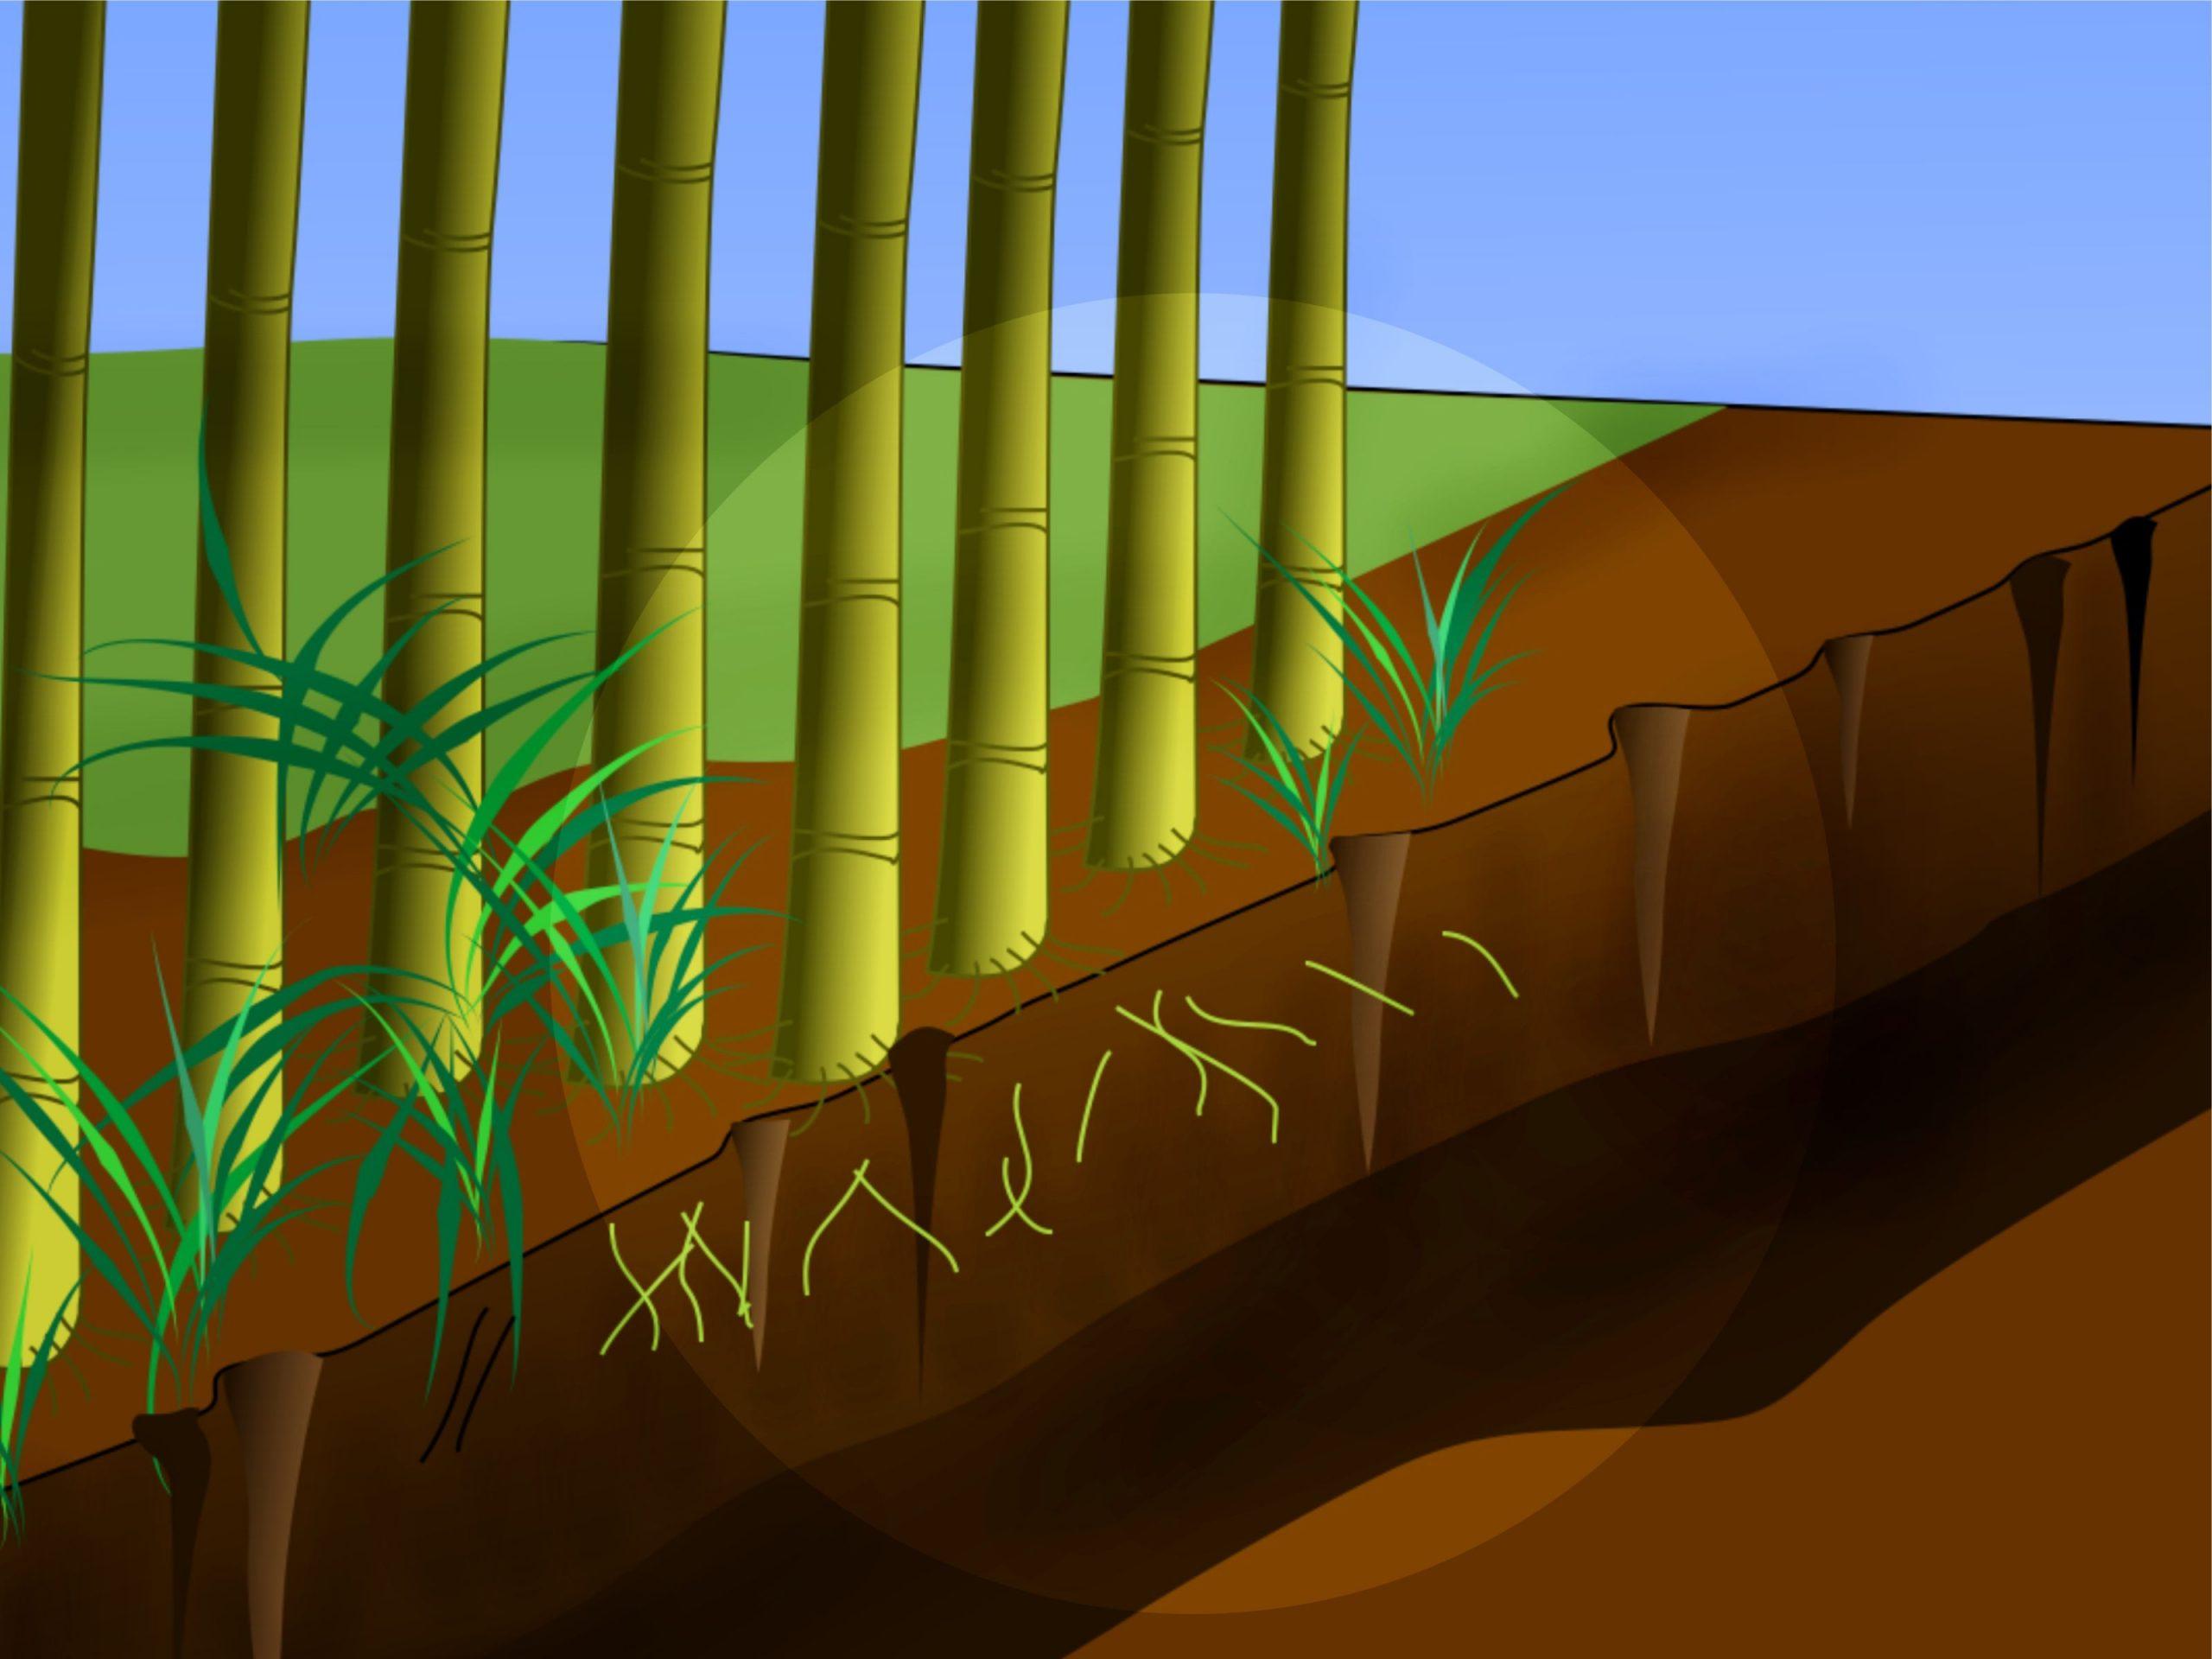 Éliminer Les Bambous | Bambou | Bambou, Culture Du Bambou Et ... encequiconcerne Comment Eliminer Les Bambous Dans Un Jardin